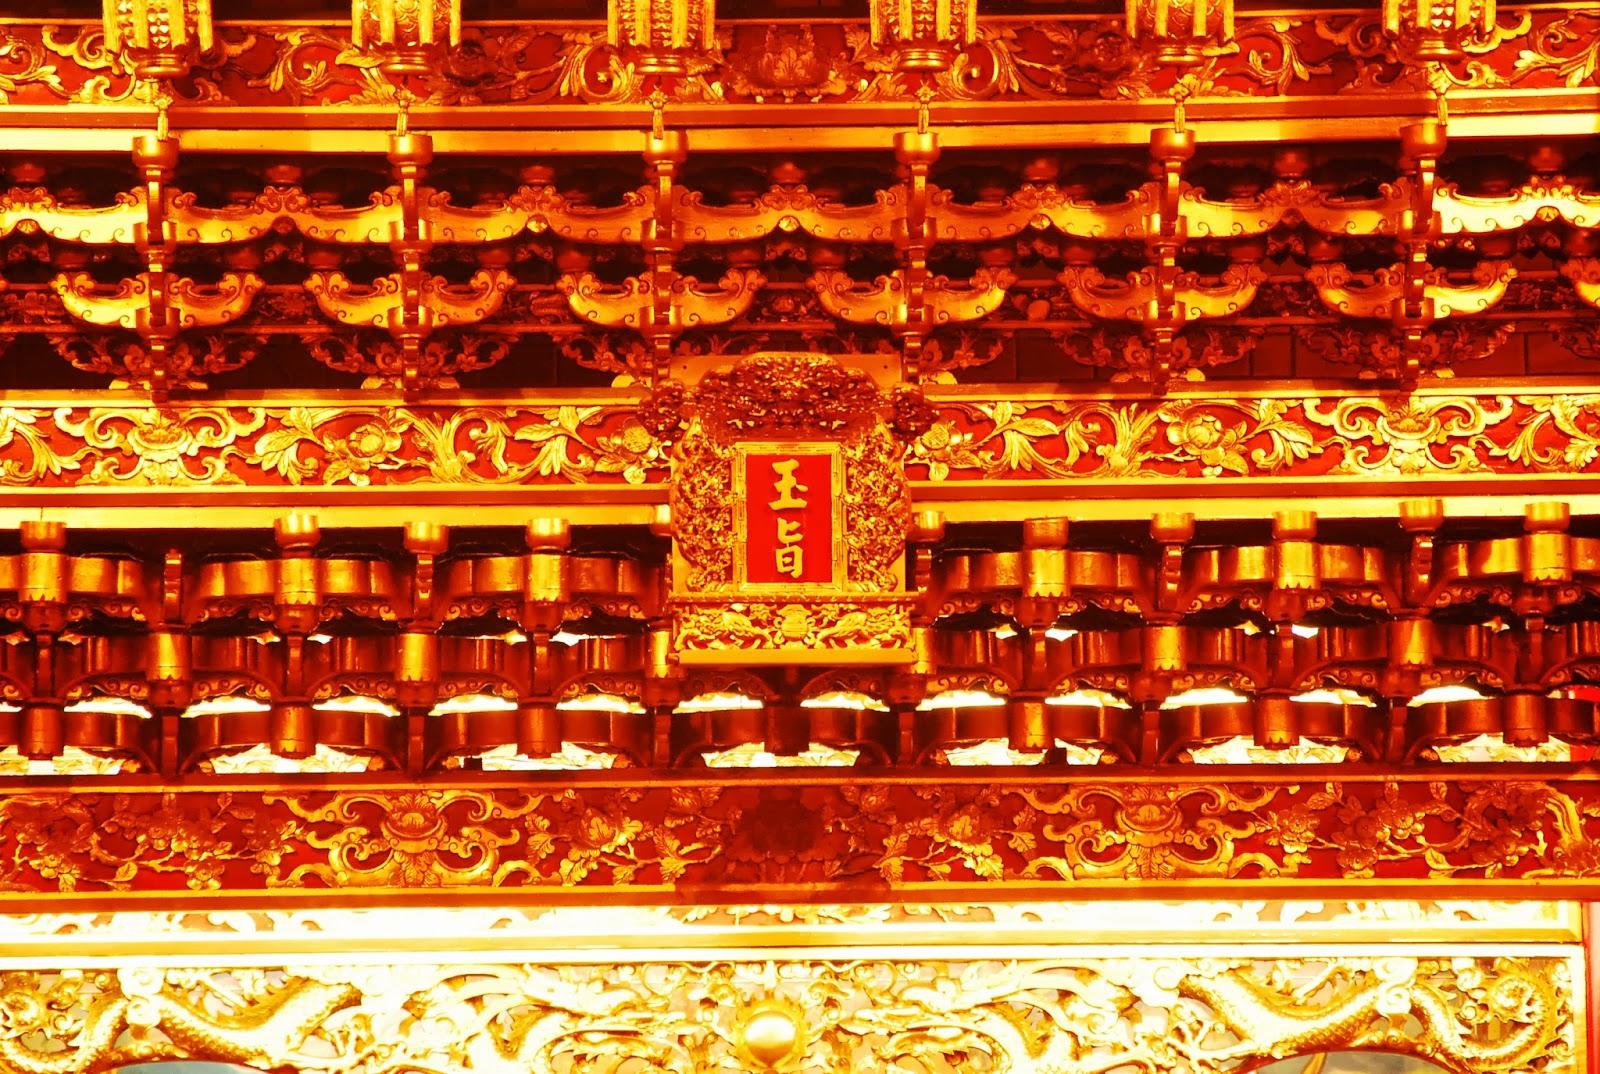 [臺灣-基隆] [ 三峽客專欄 ] 媽祖故事牆。九月夜訪慶安宮